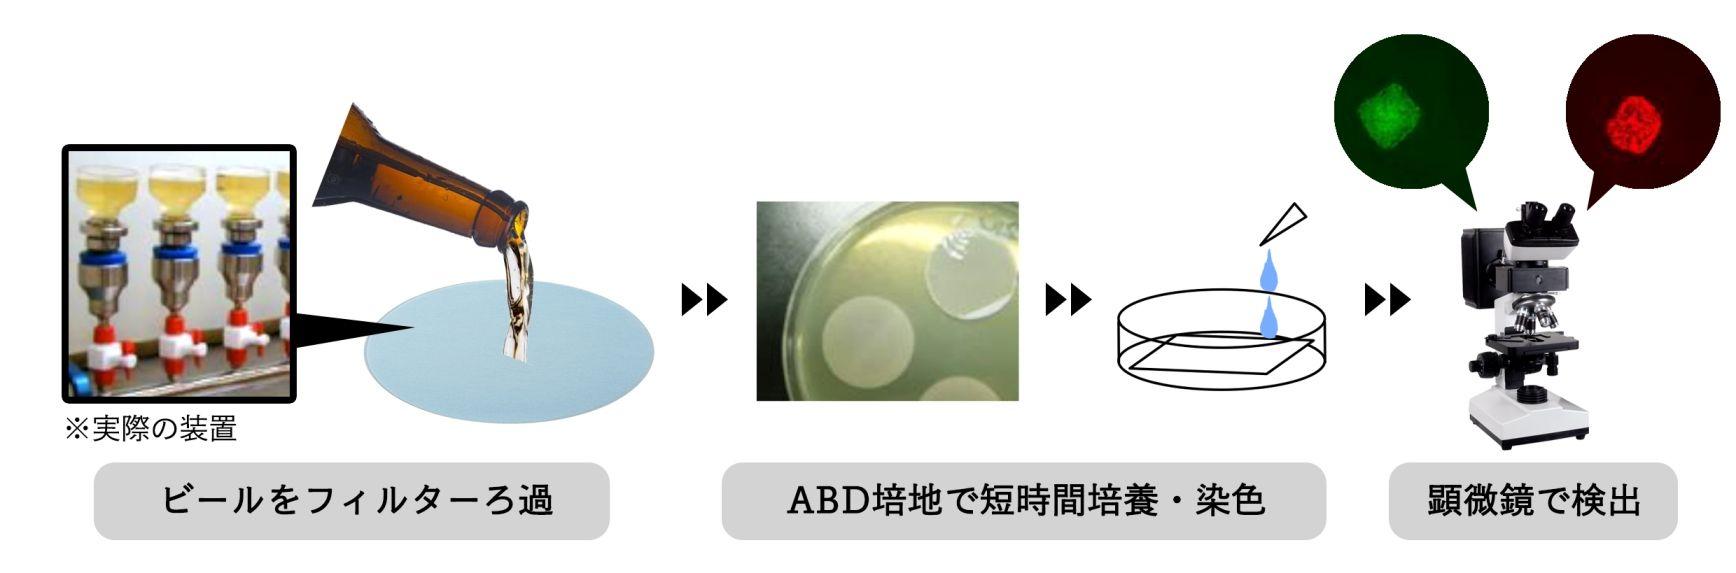 ビール混濁性微生物の迅速な検出方法